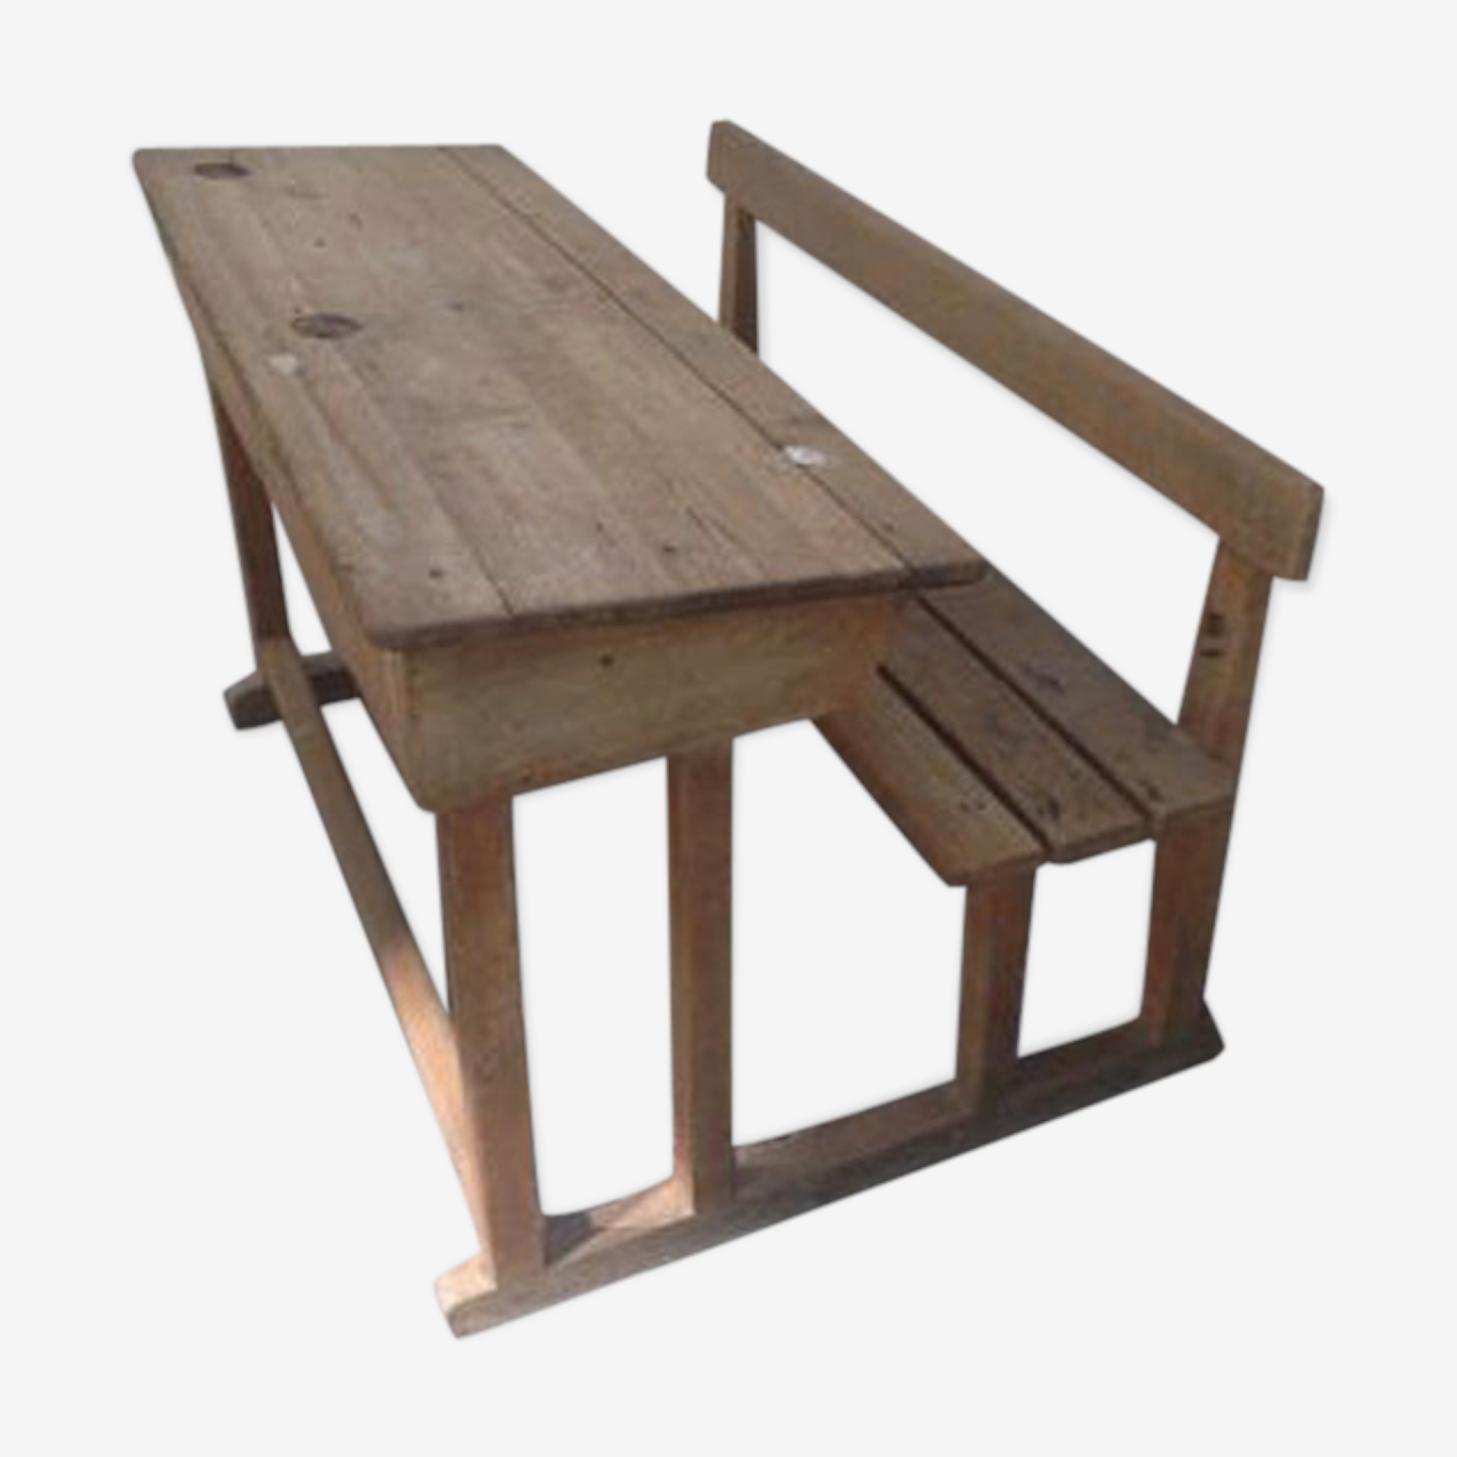 School solid oak desk 50's